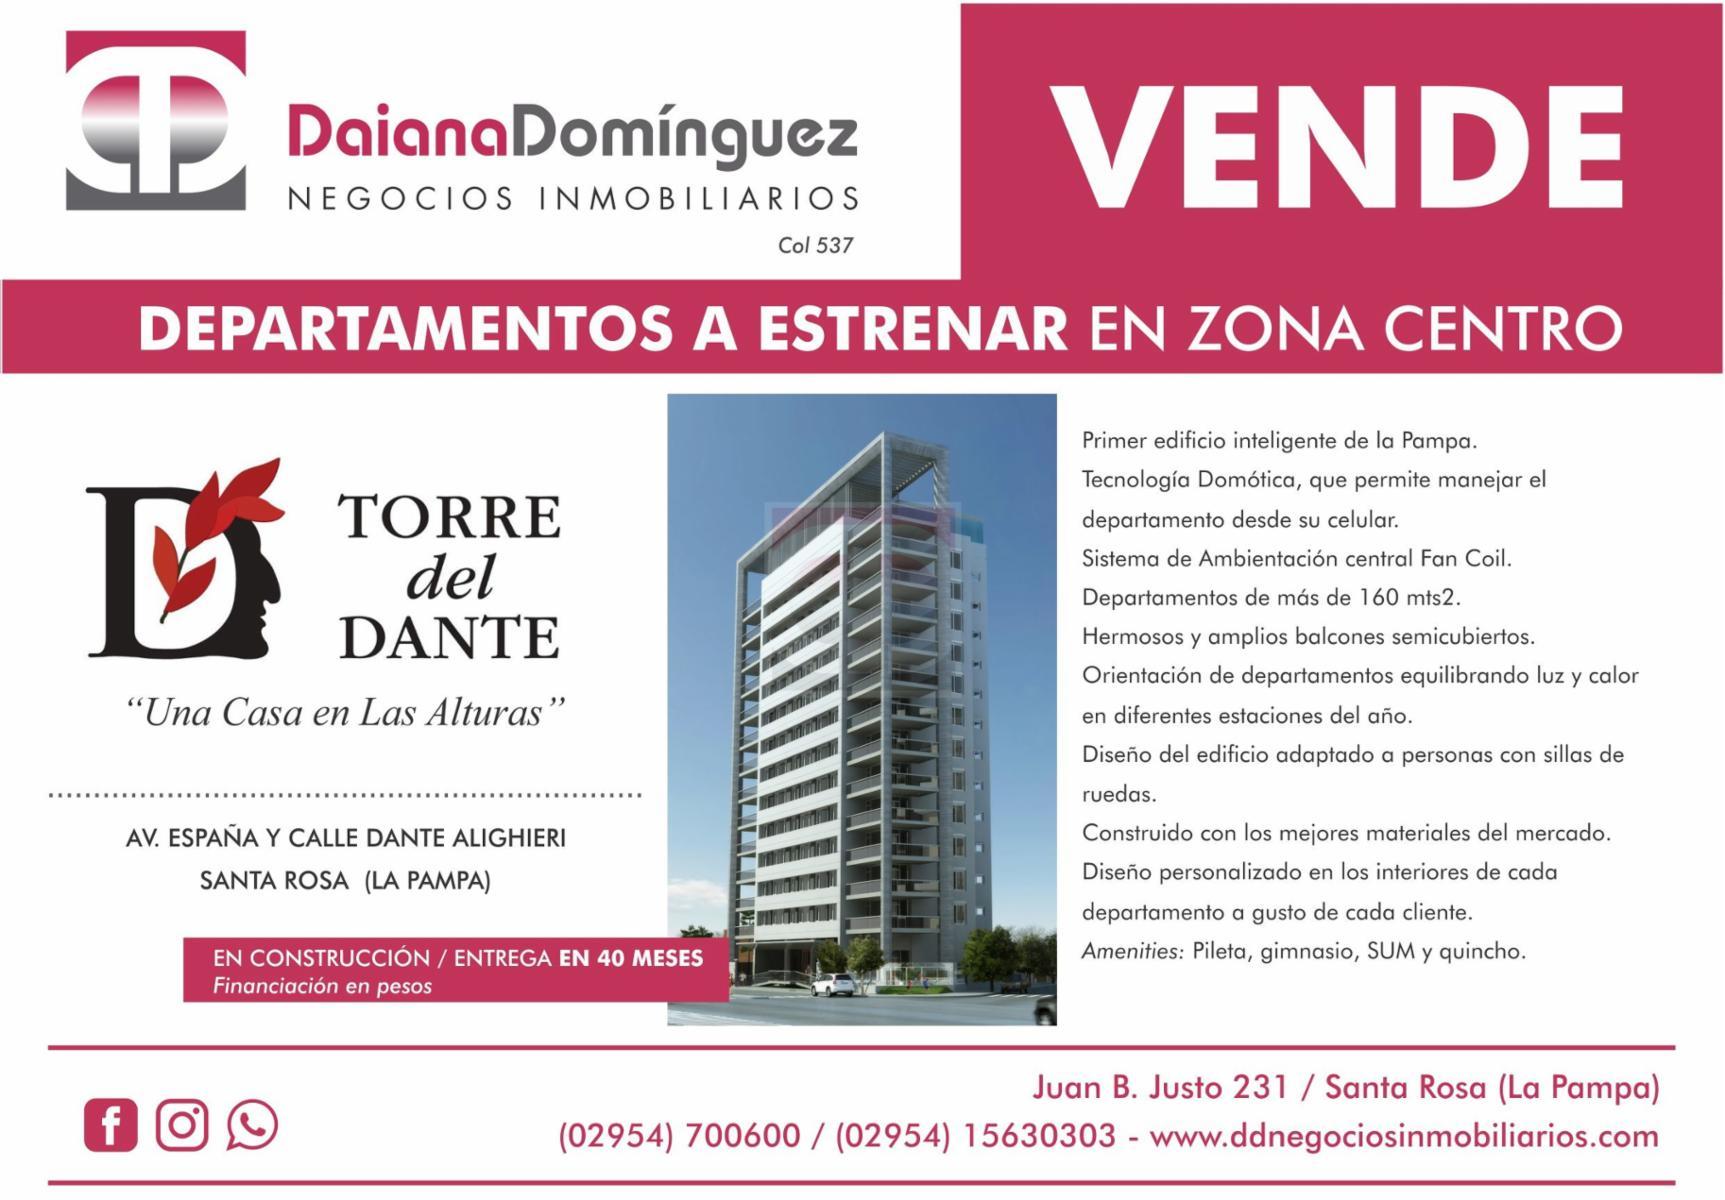 Venta departamentos Torre Dante, DAIANA DOMINGUEZ NEGOCIOS INMOBILIARIOS